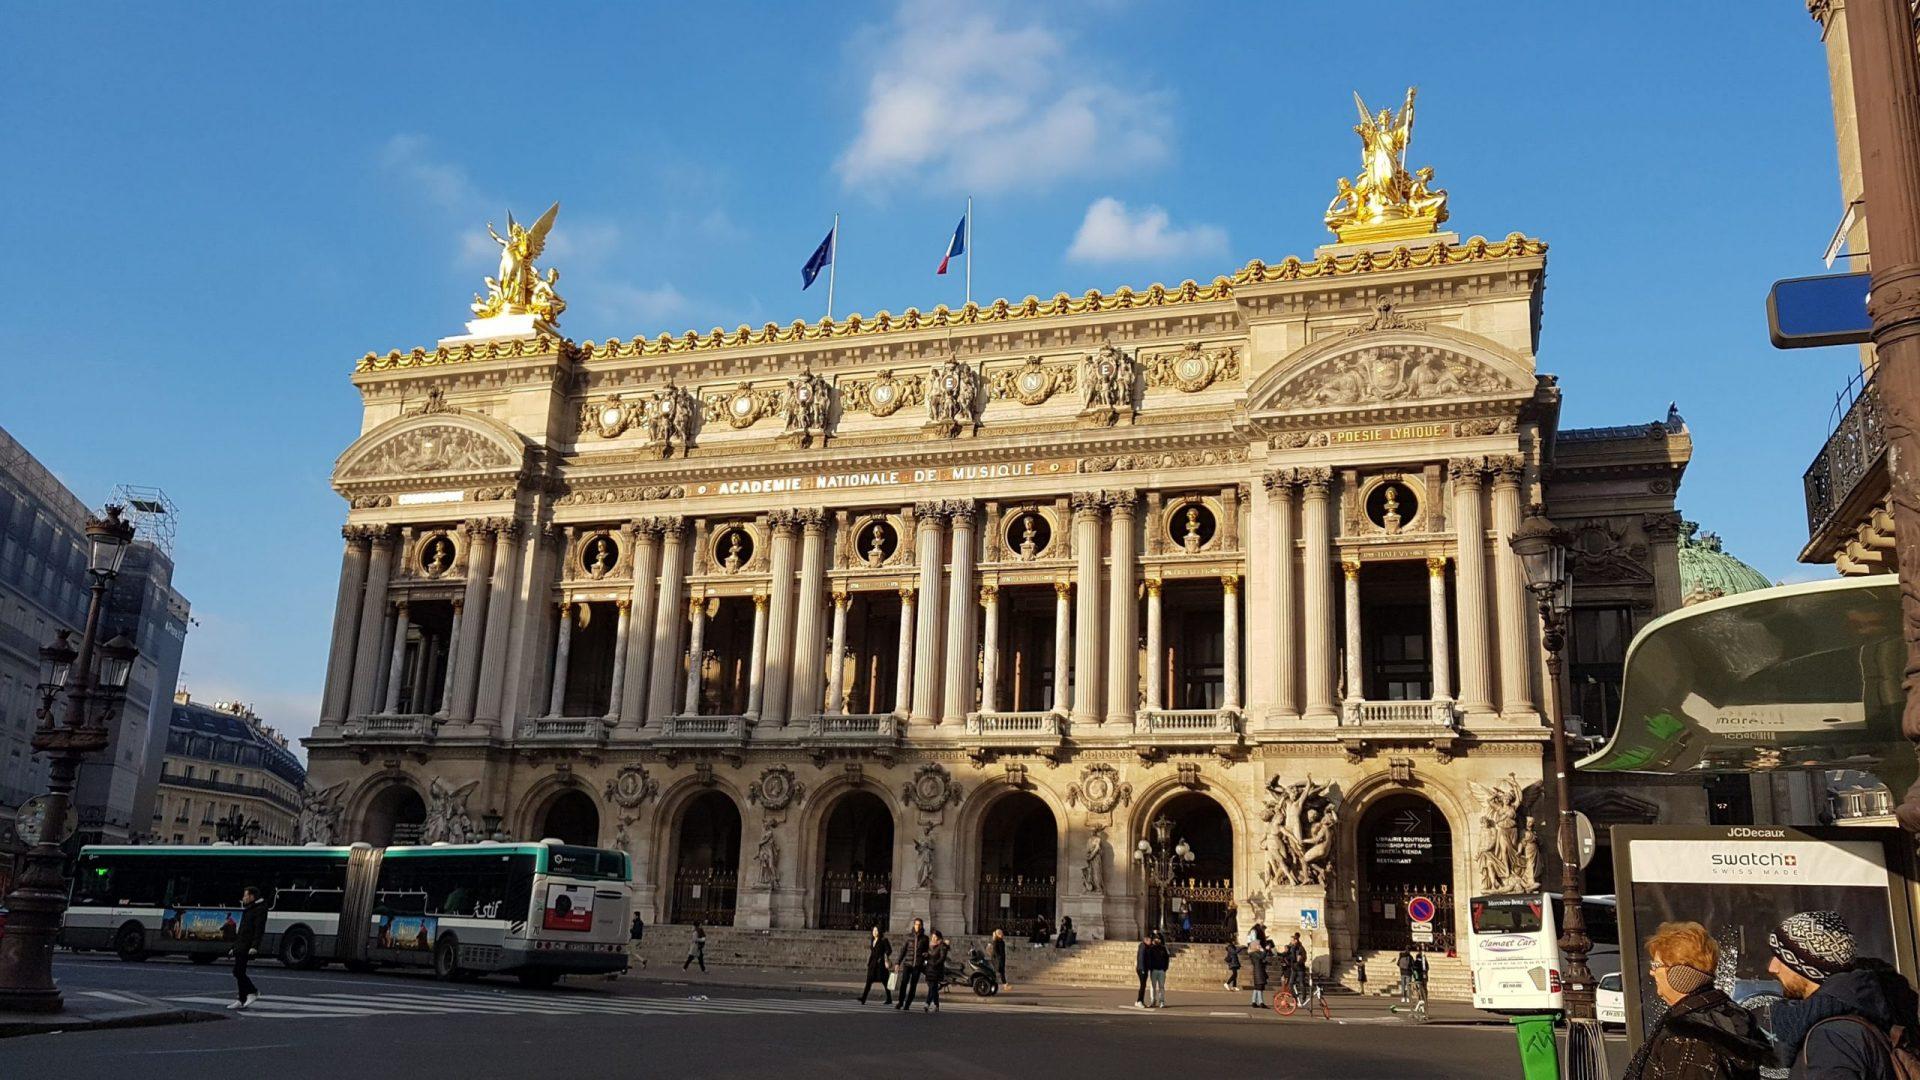 Опера Гарнье, Париж, Франция. Декабрь, 2018